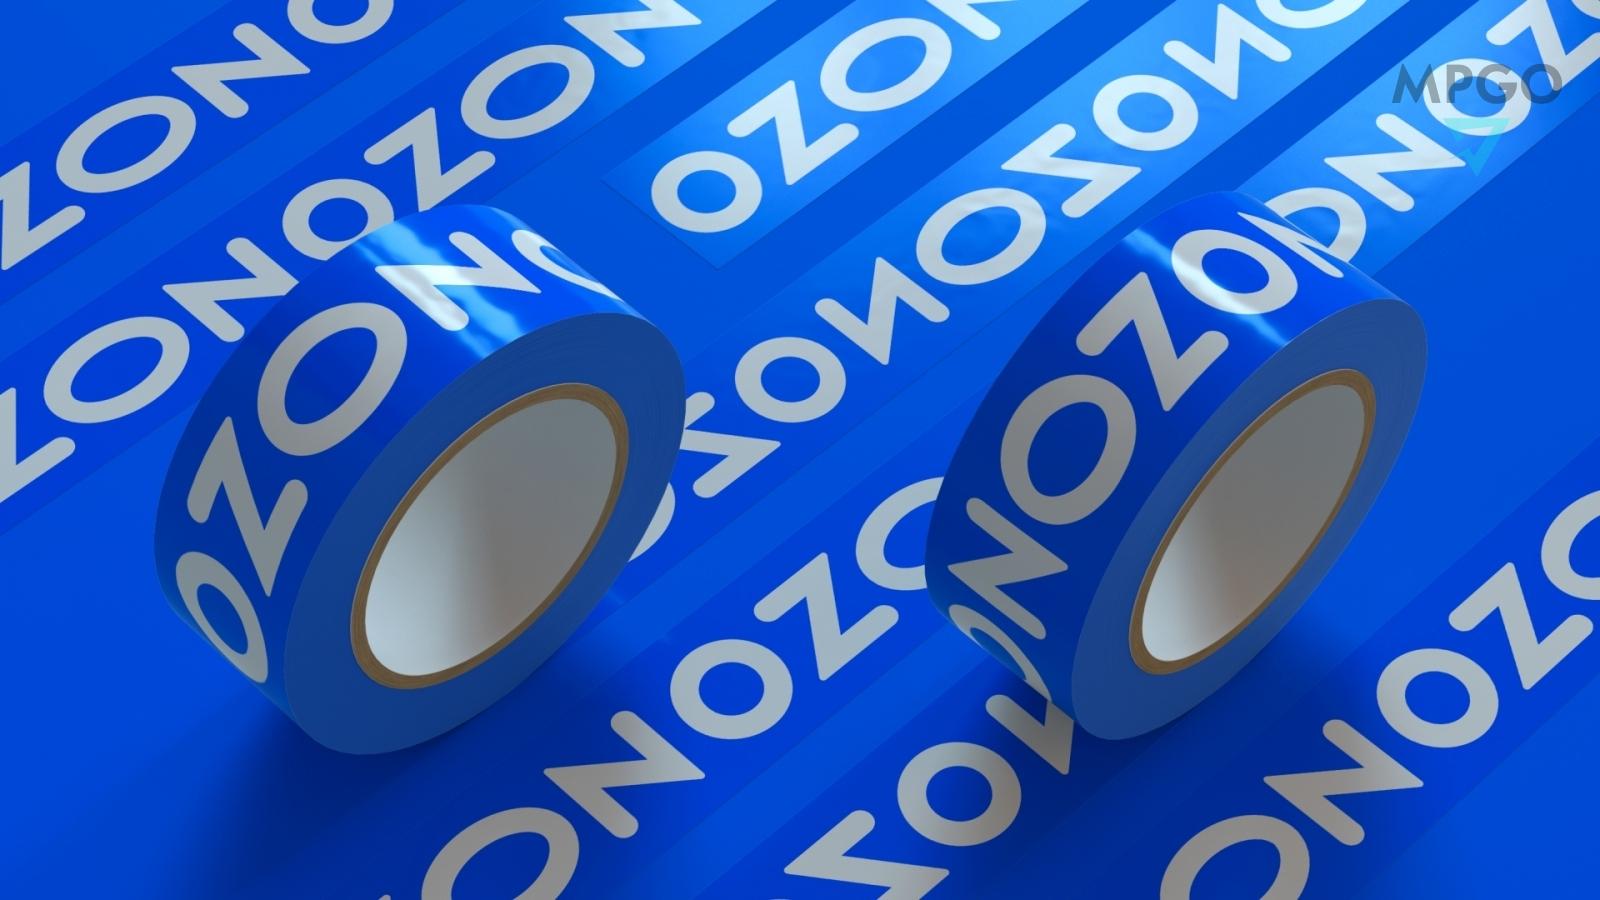 Ozon маркетплейс для поставщиков